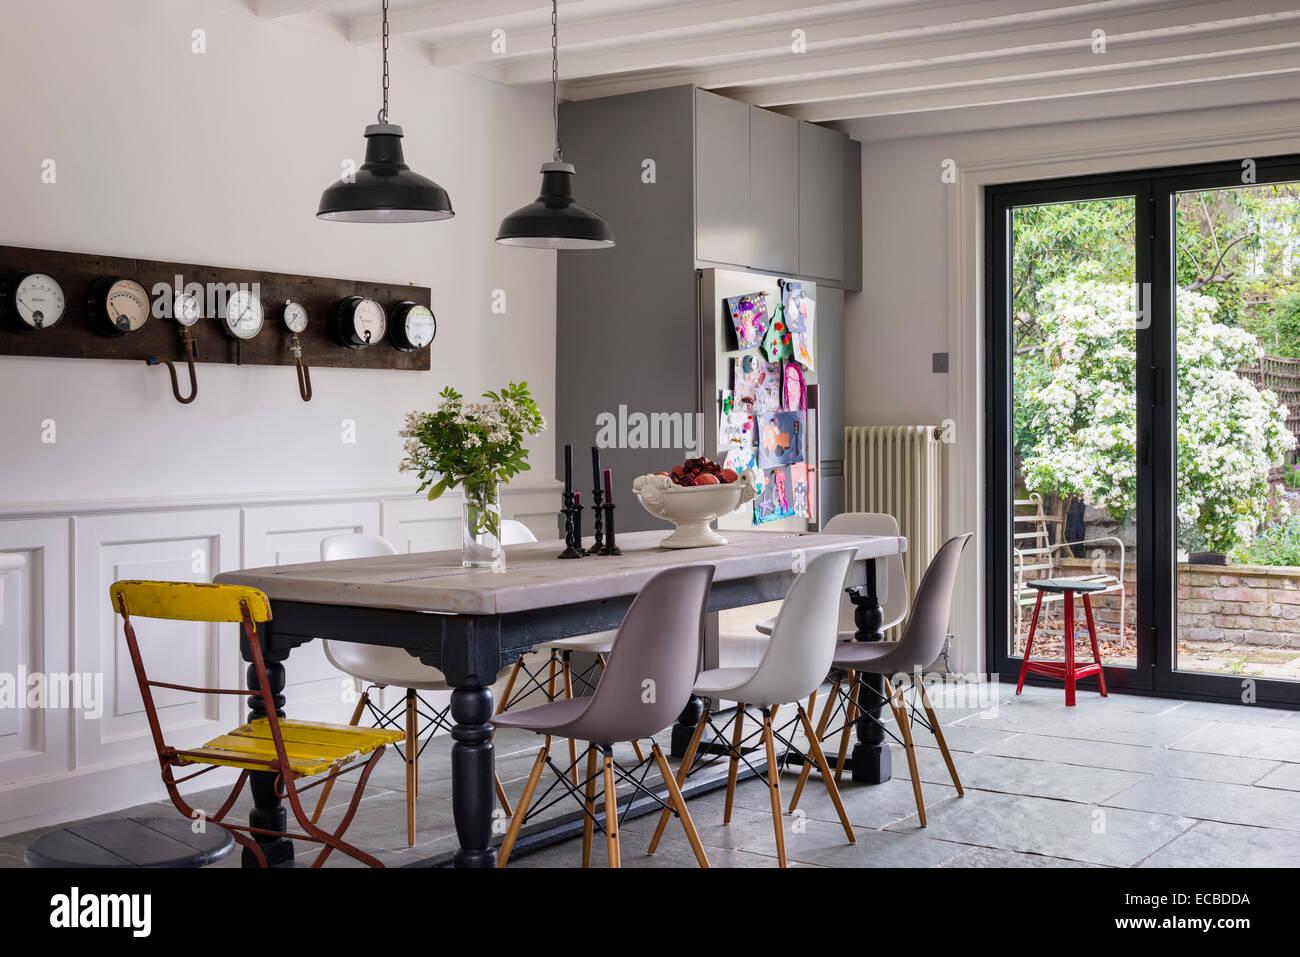 Eames DSW Stühle Um Bauernhof Tisch In Der Küche Mit Kalkstein Bodenbelag  Und Pendelleuchten